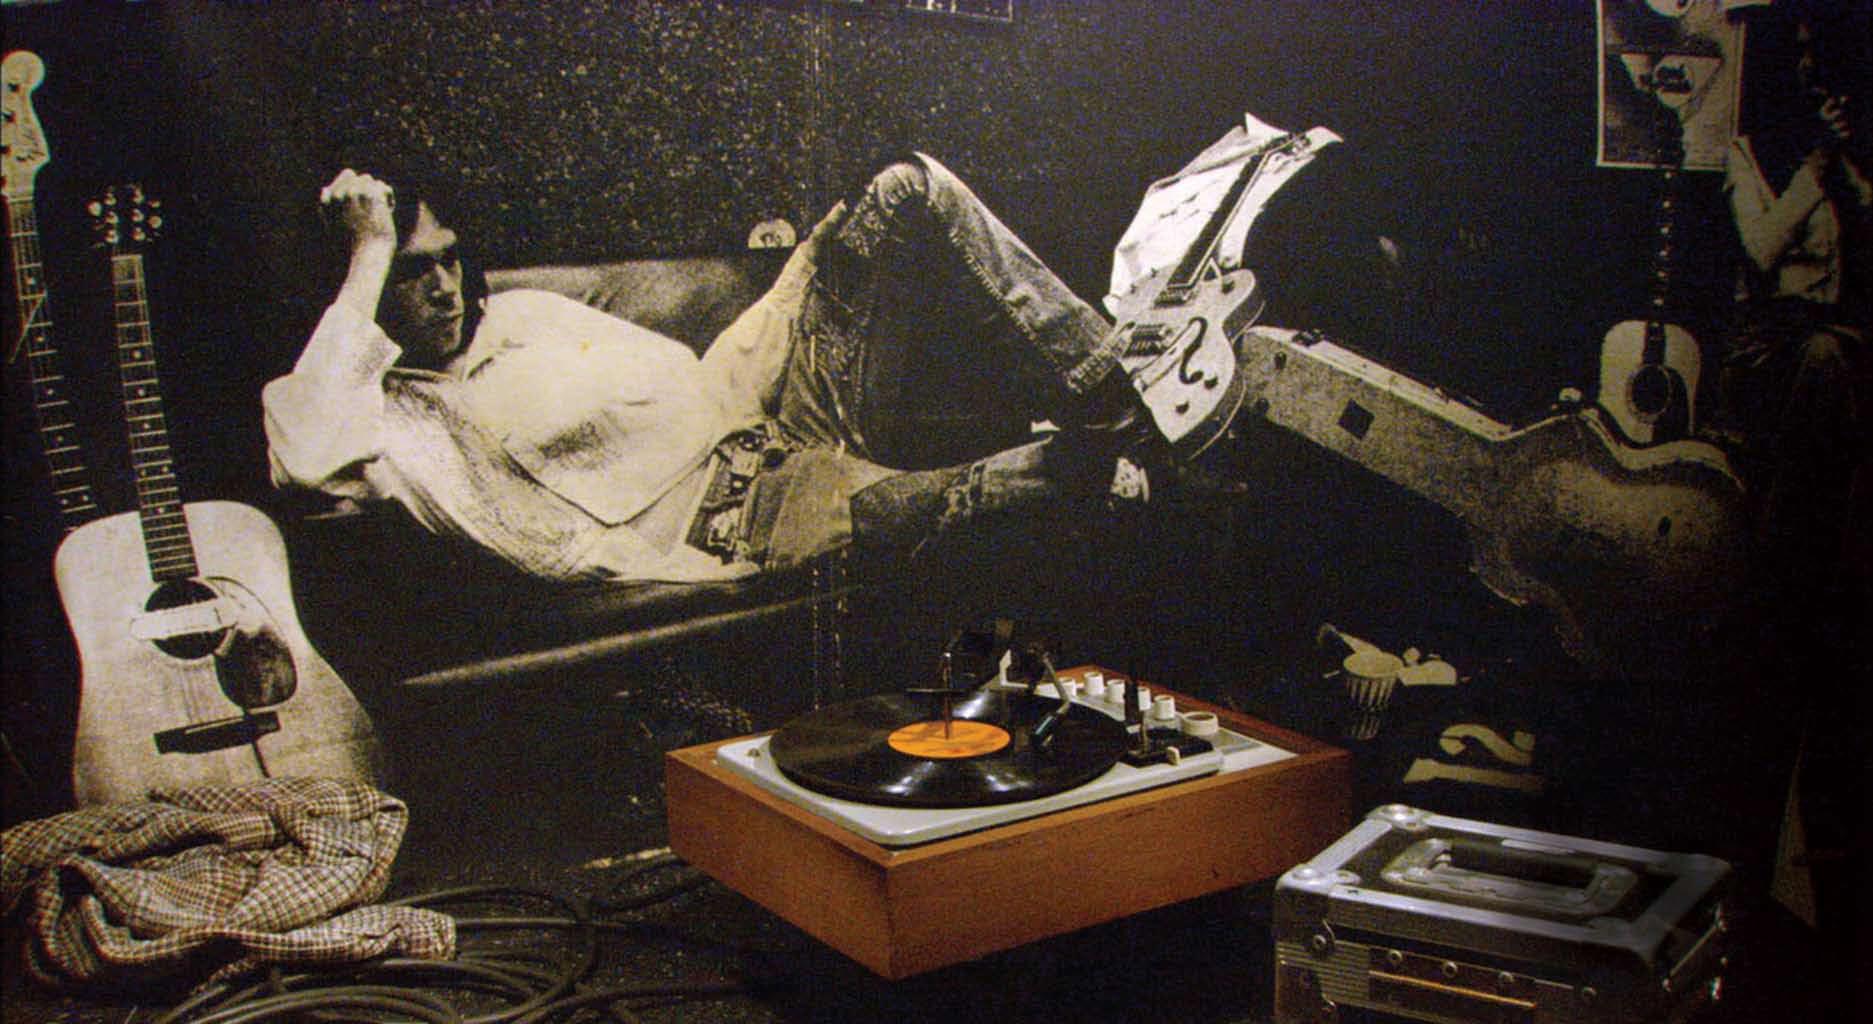 Neil Young - sein gesamtes Musikarchiv gratis